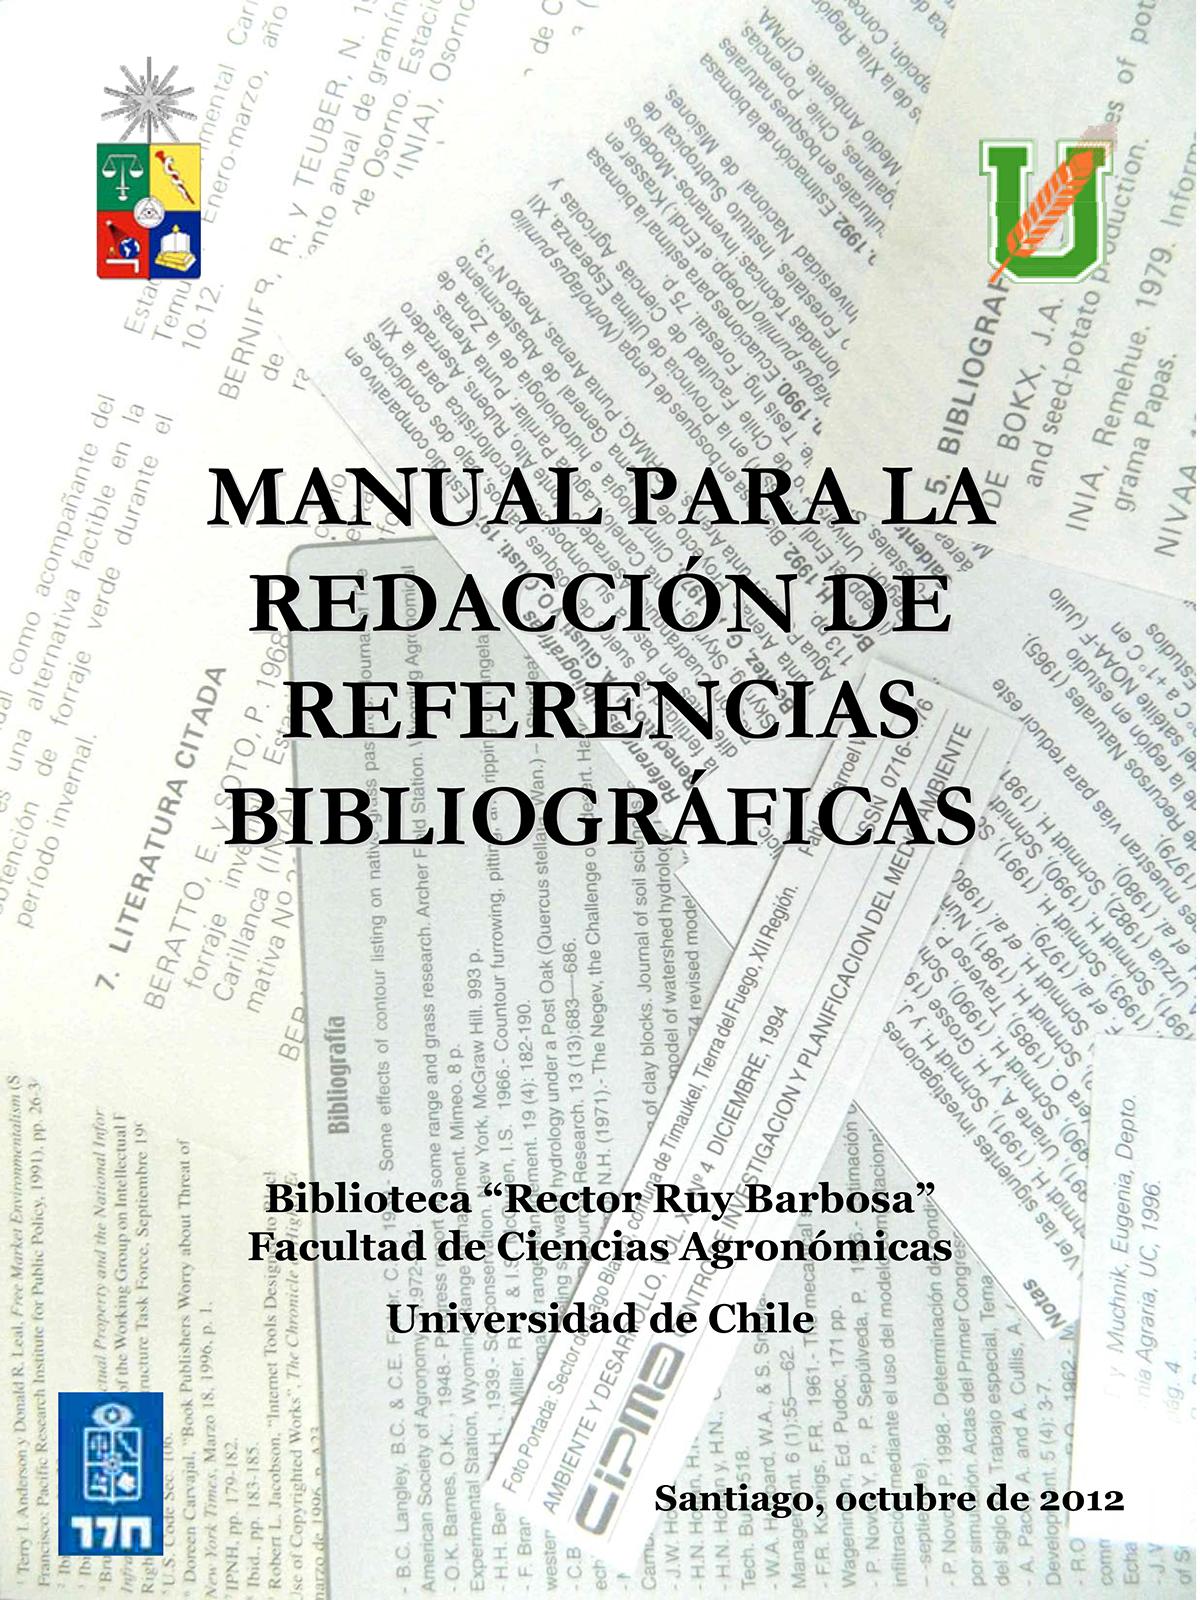 manual_redaccion_referencias_bibliograficas_uchile2012-1